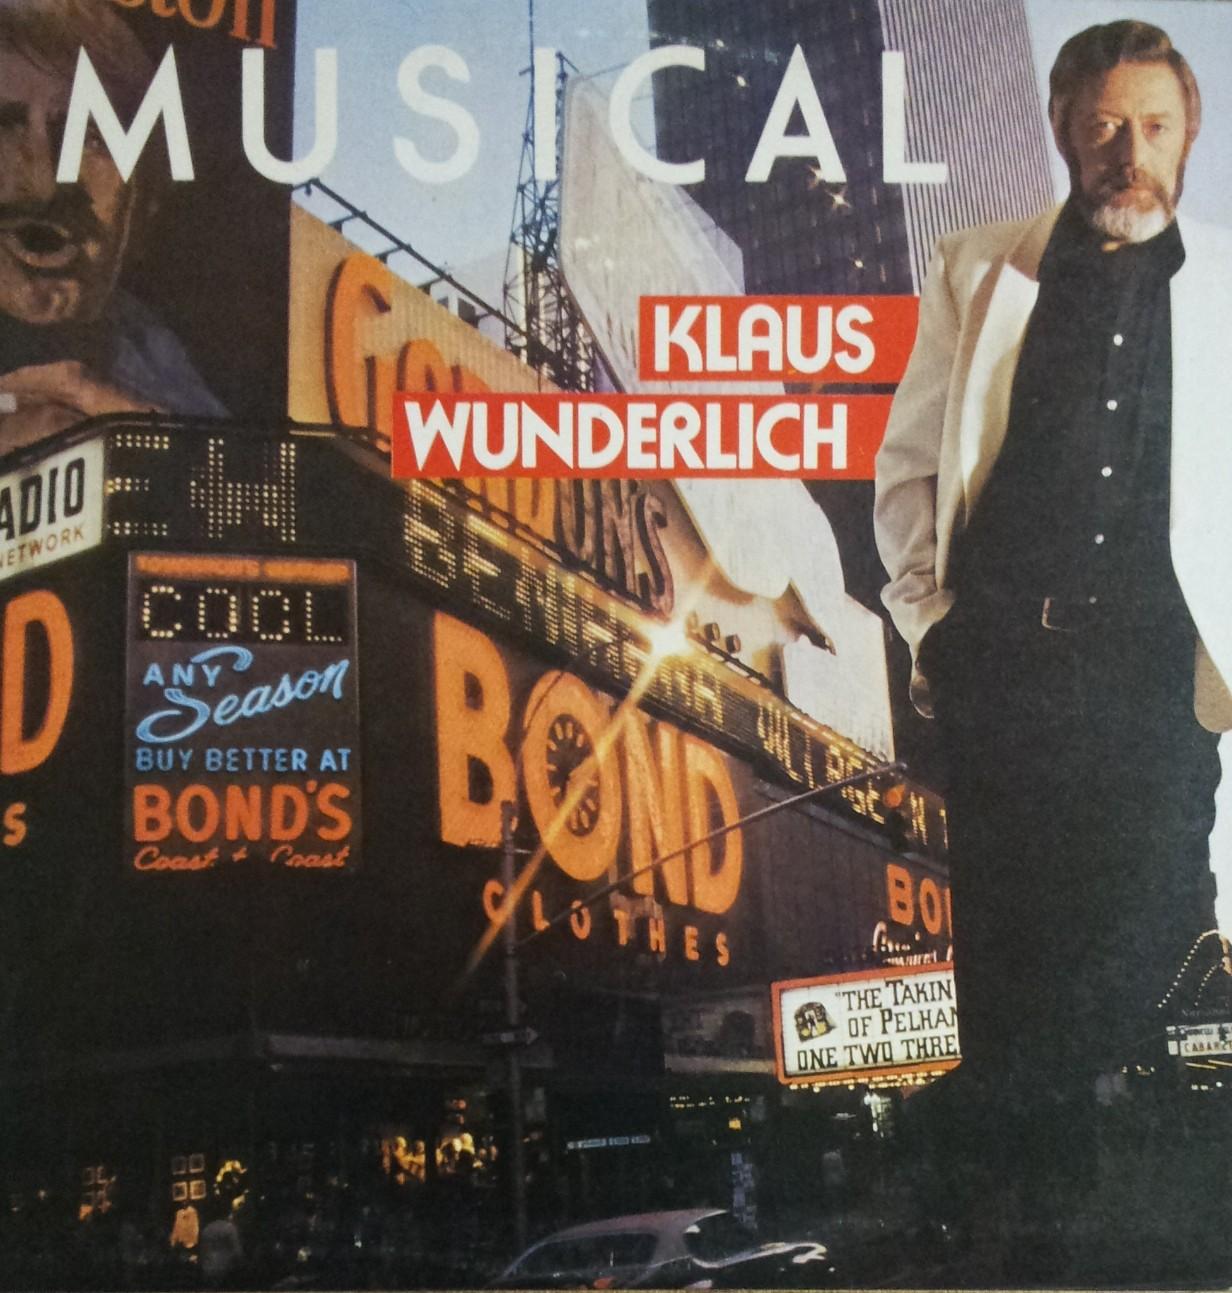 Wunderlich Klaus - Musical